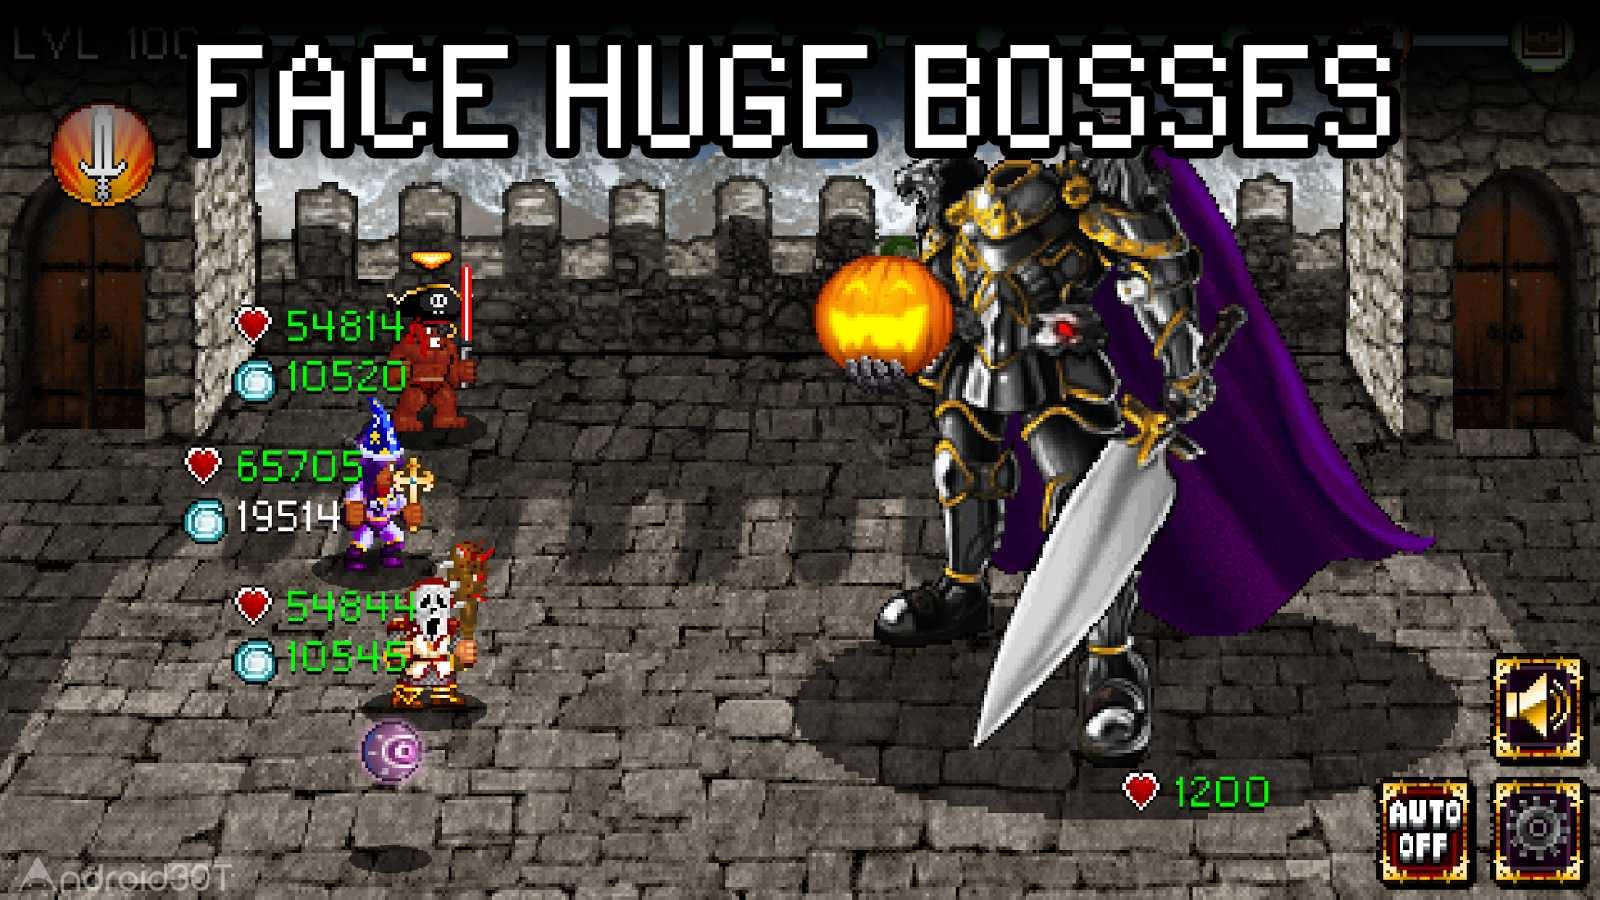 دانلود Soda Dungeon 1.2.44 – بازی ماجراجویی سیاه چال سودا اندروید